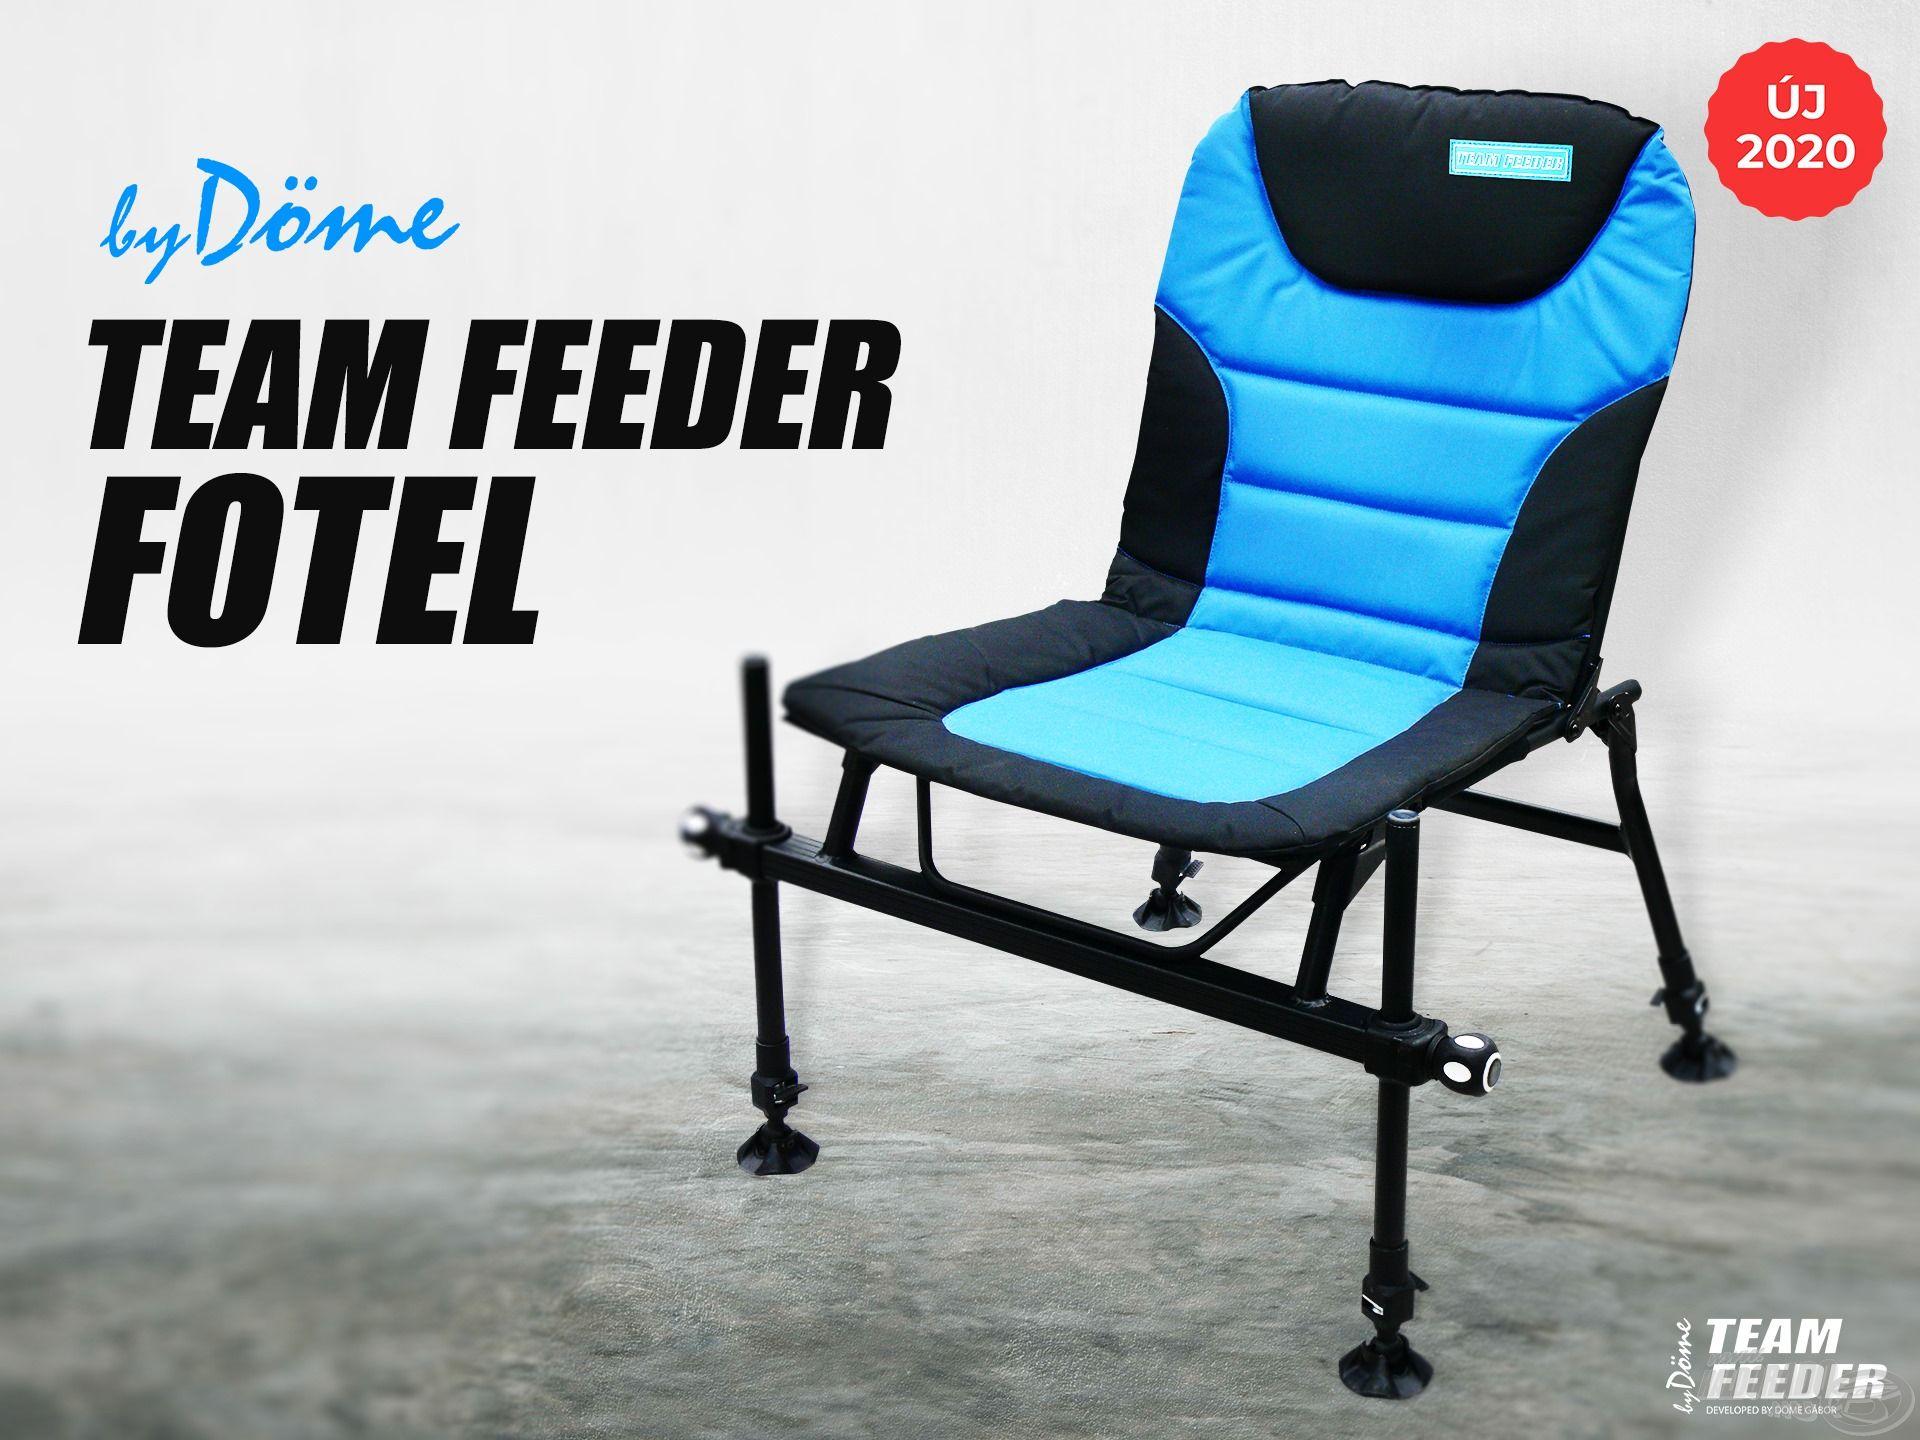 Örömmel mutatjuk be a By Döme TEAM FEEDER Fotelt, ami egy jól átgondolt, magas minőségű anyagokból készült és profi módon kivitelezett vízparti ülőalkalmatosság